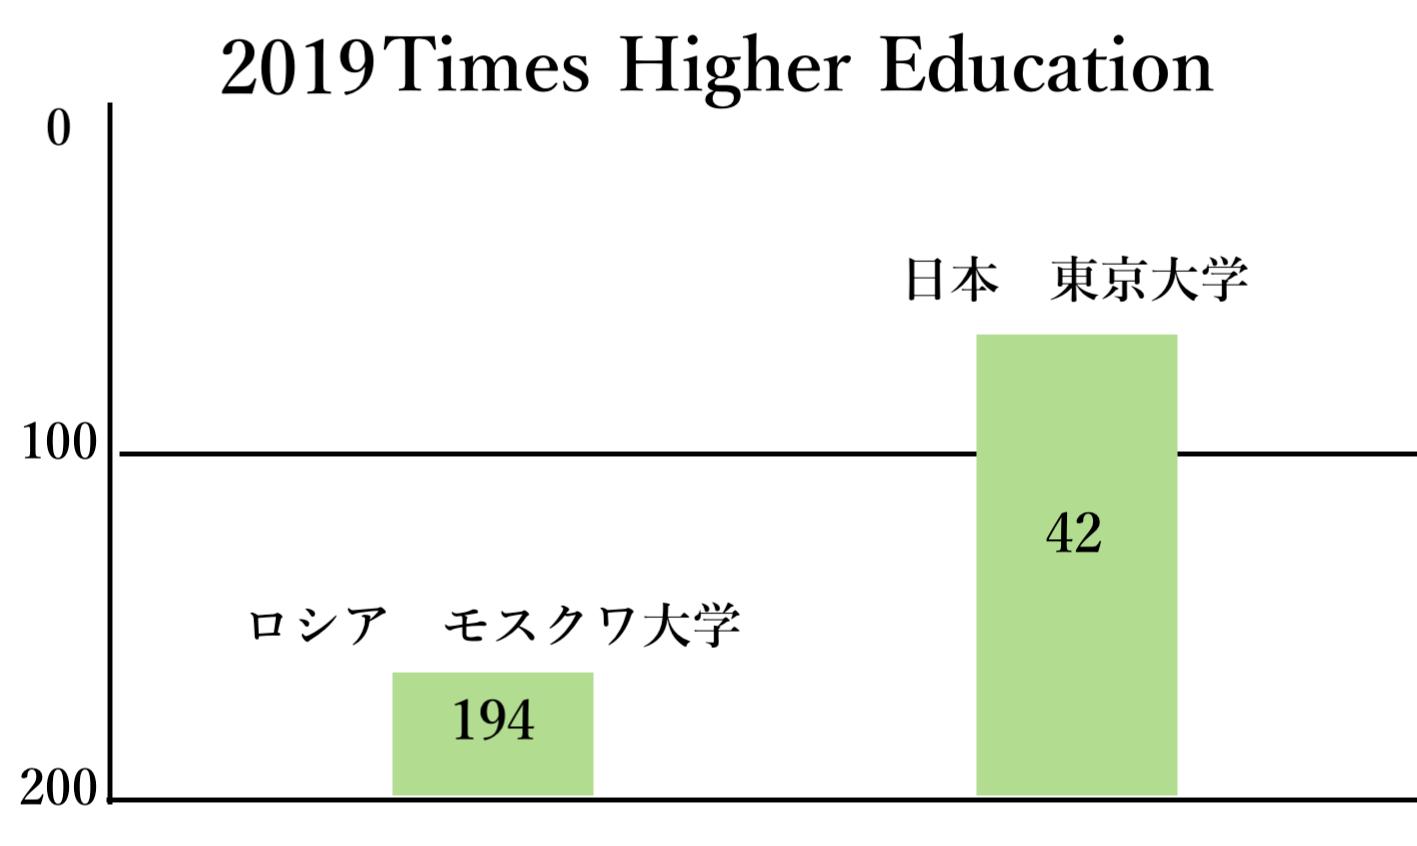 2019T.H.Eロシアと日本比較(自作)